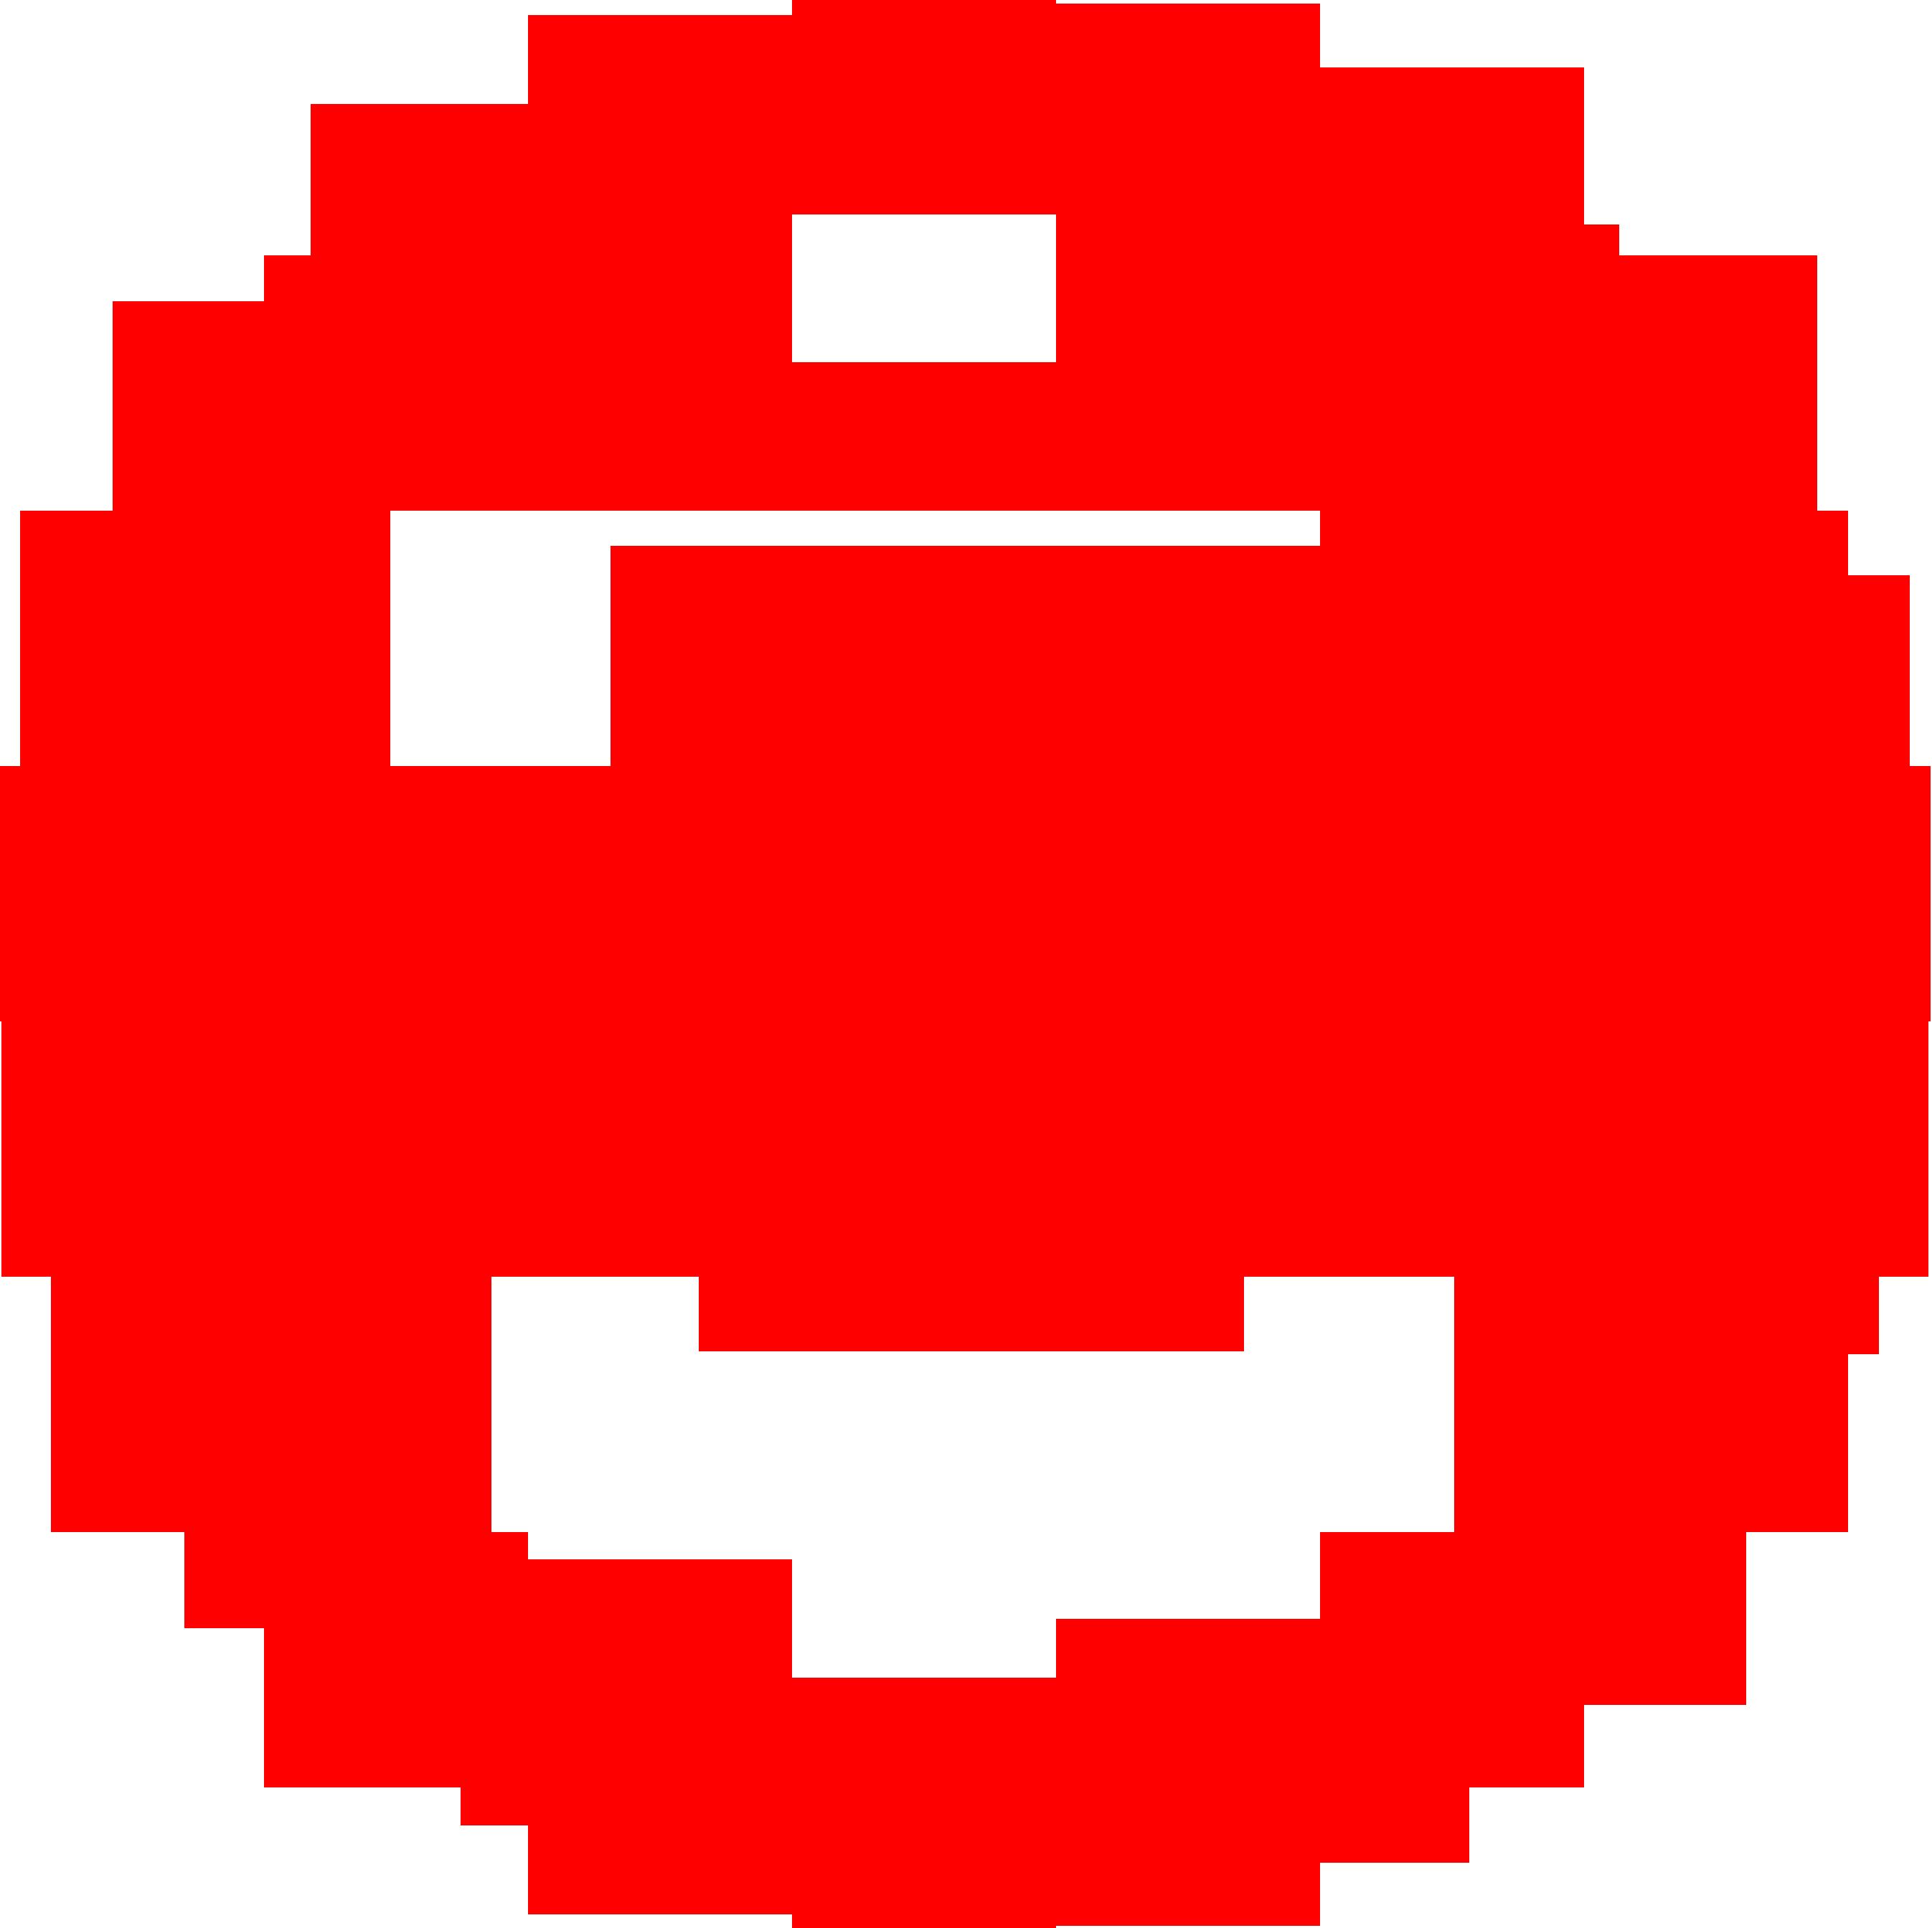 Image Dark Side Symbolg Sporewiki Fandom Powered By Wikia